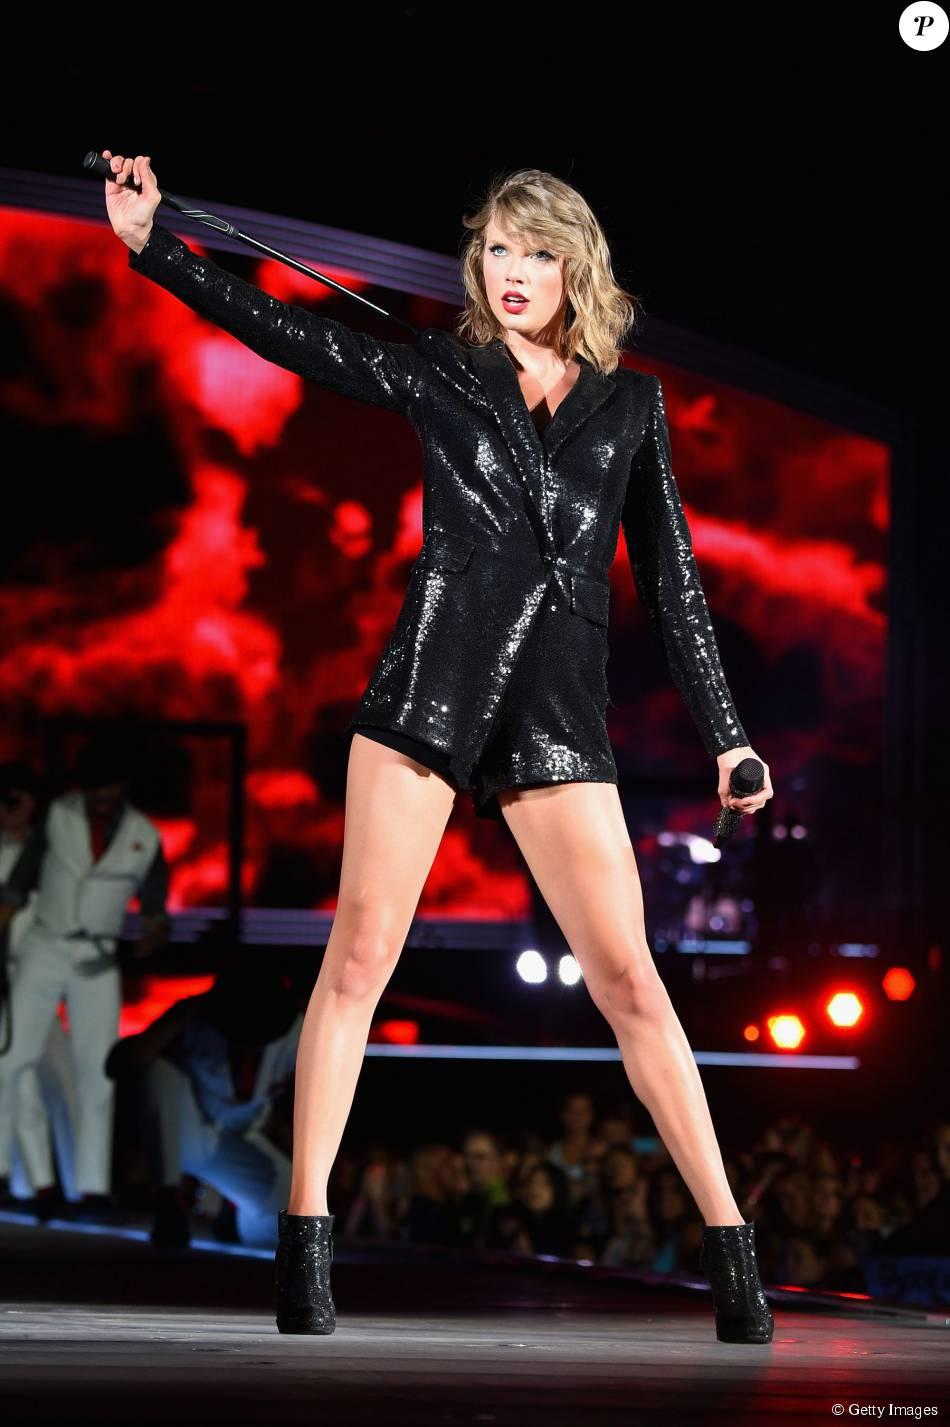 Taylor Swift fica presa em andaime durante show em Washington nesta segunda-feira, 13 de julho de 2015: 'Vou ficar aqui para sempre'